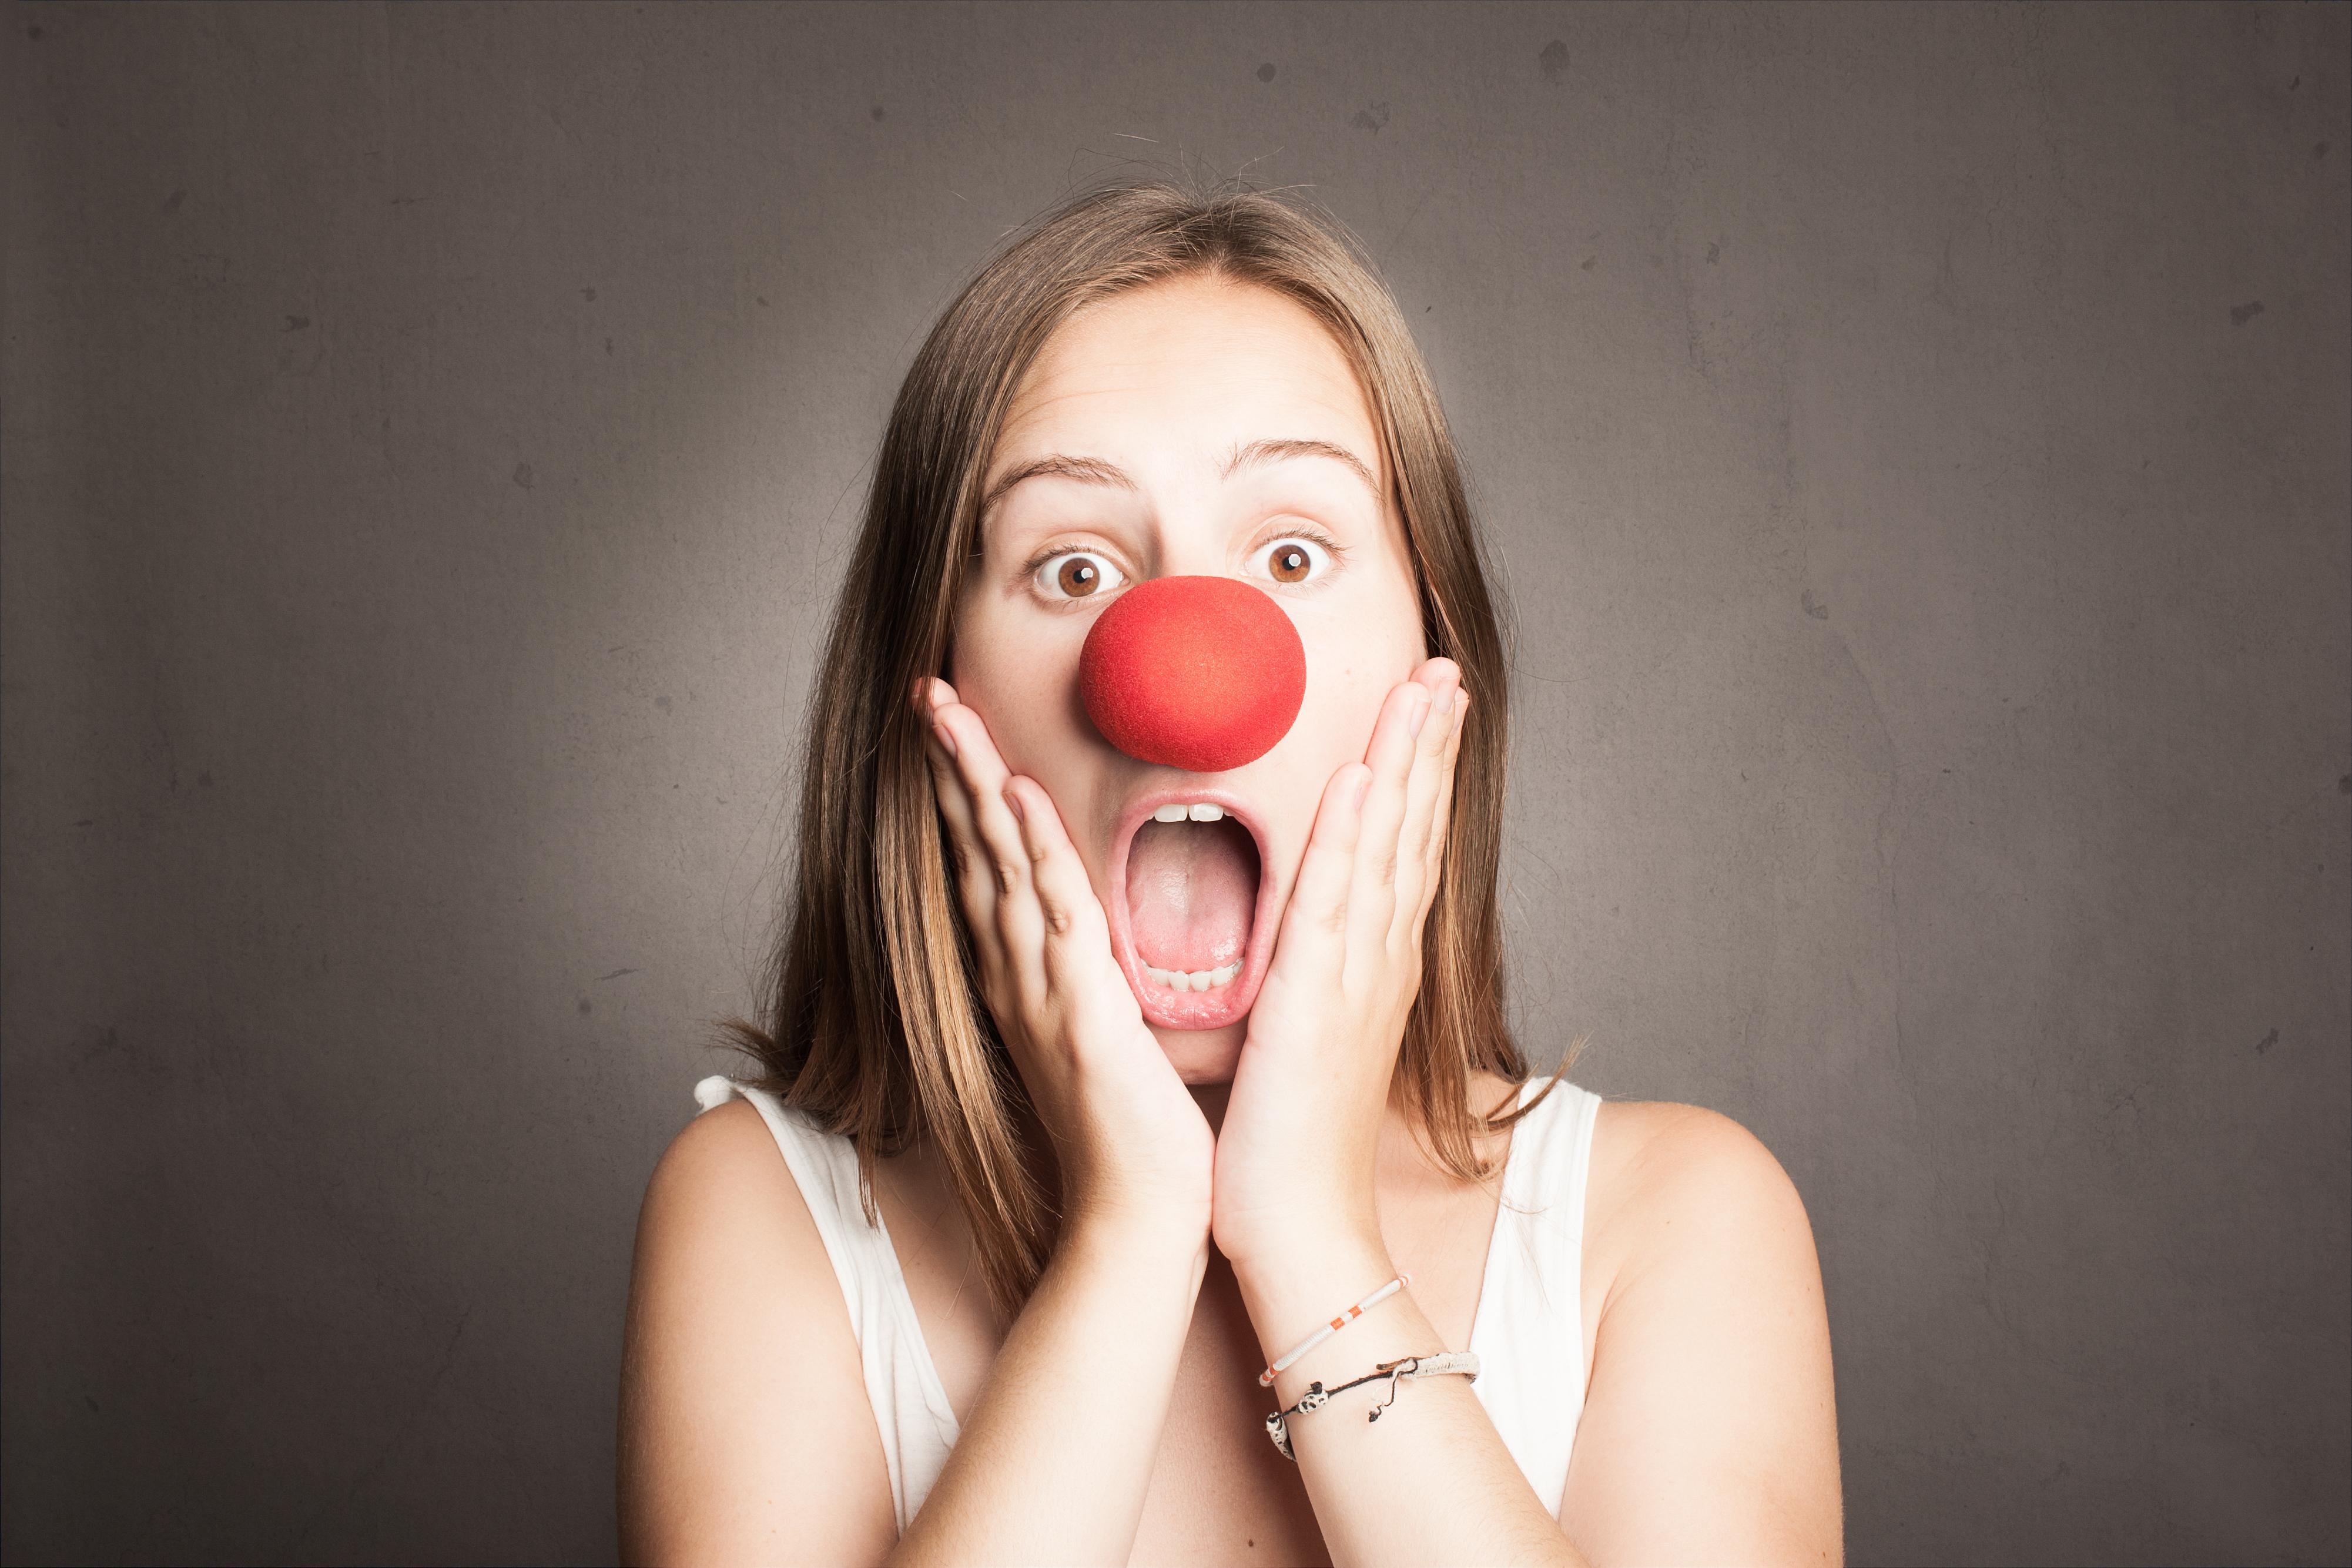 鼻が赤い女性の画像